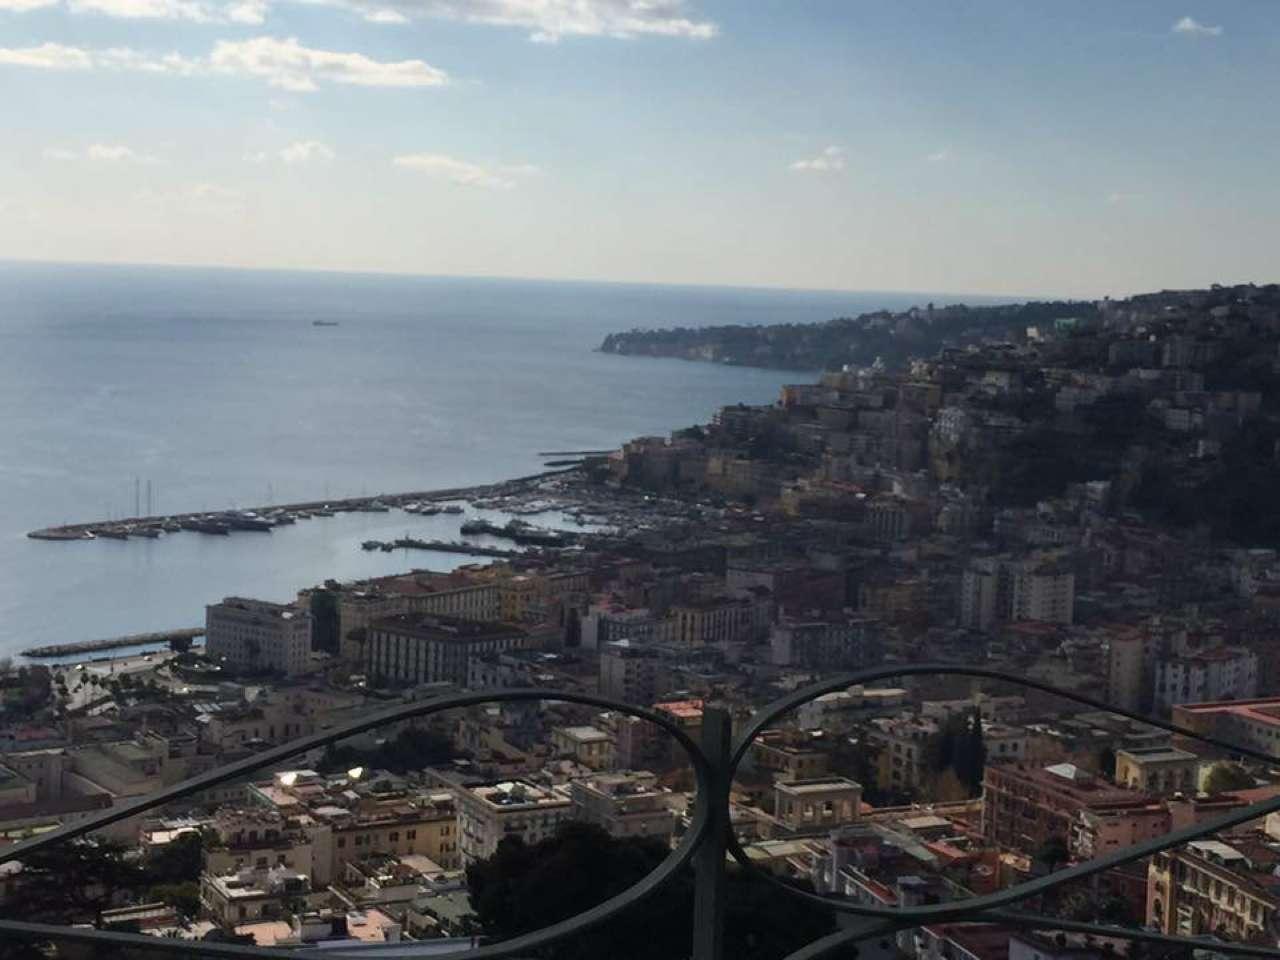 Attico / Mansarda in affitto a Napoli, 4 locali, zona Zona: 5 . Vomero, Arenella, prezzo € 2.200 | Cambio Casa.it